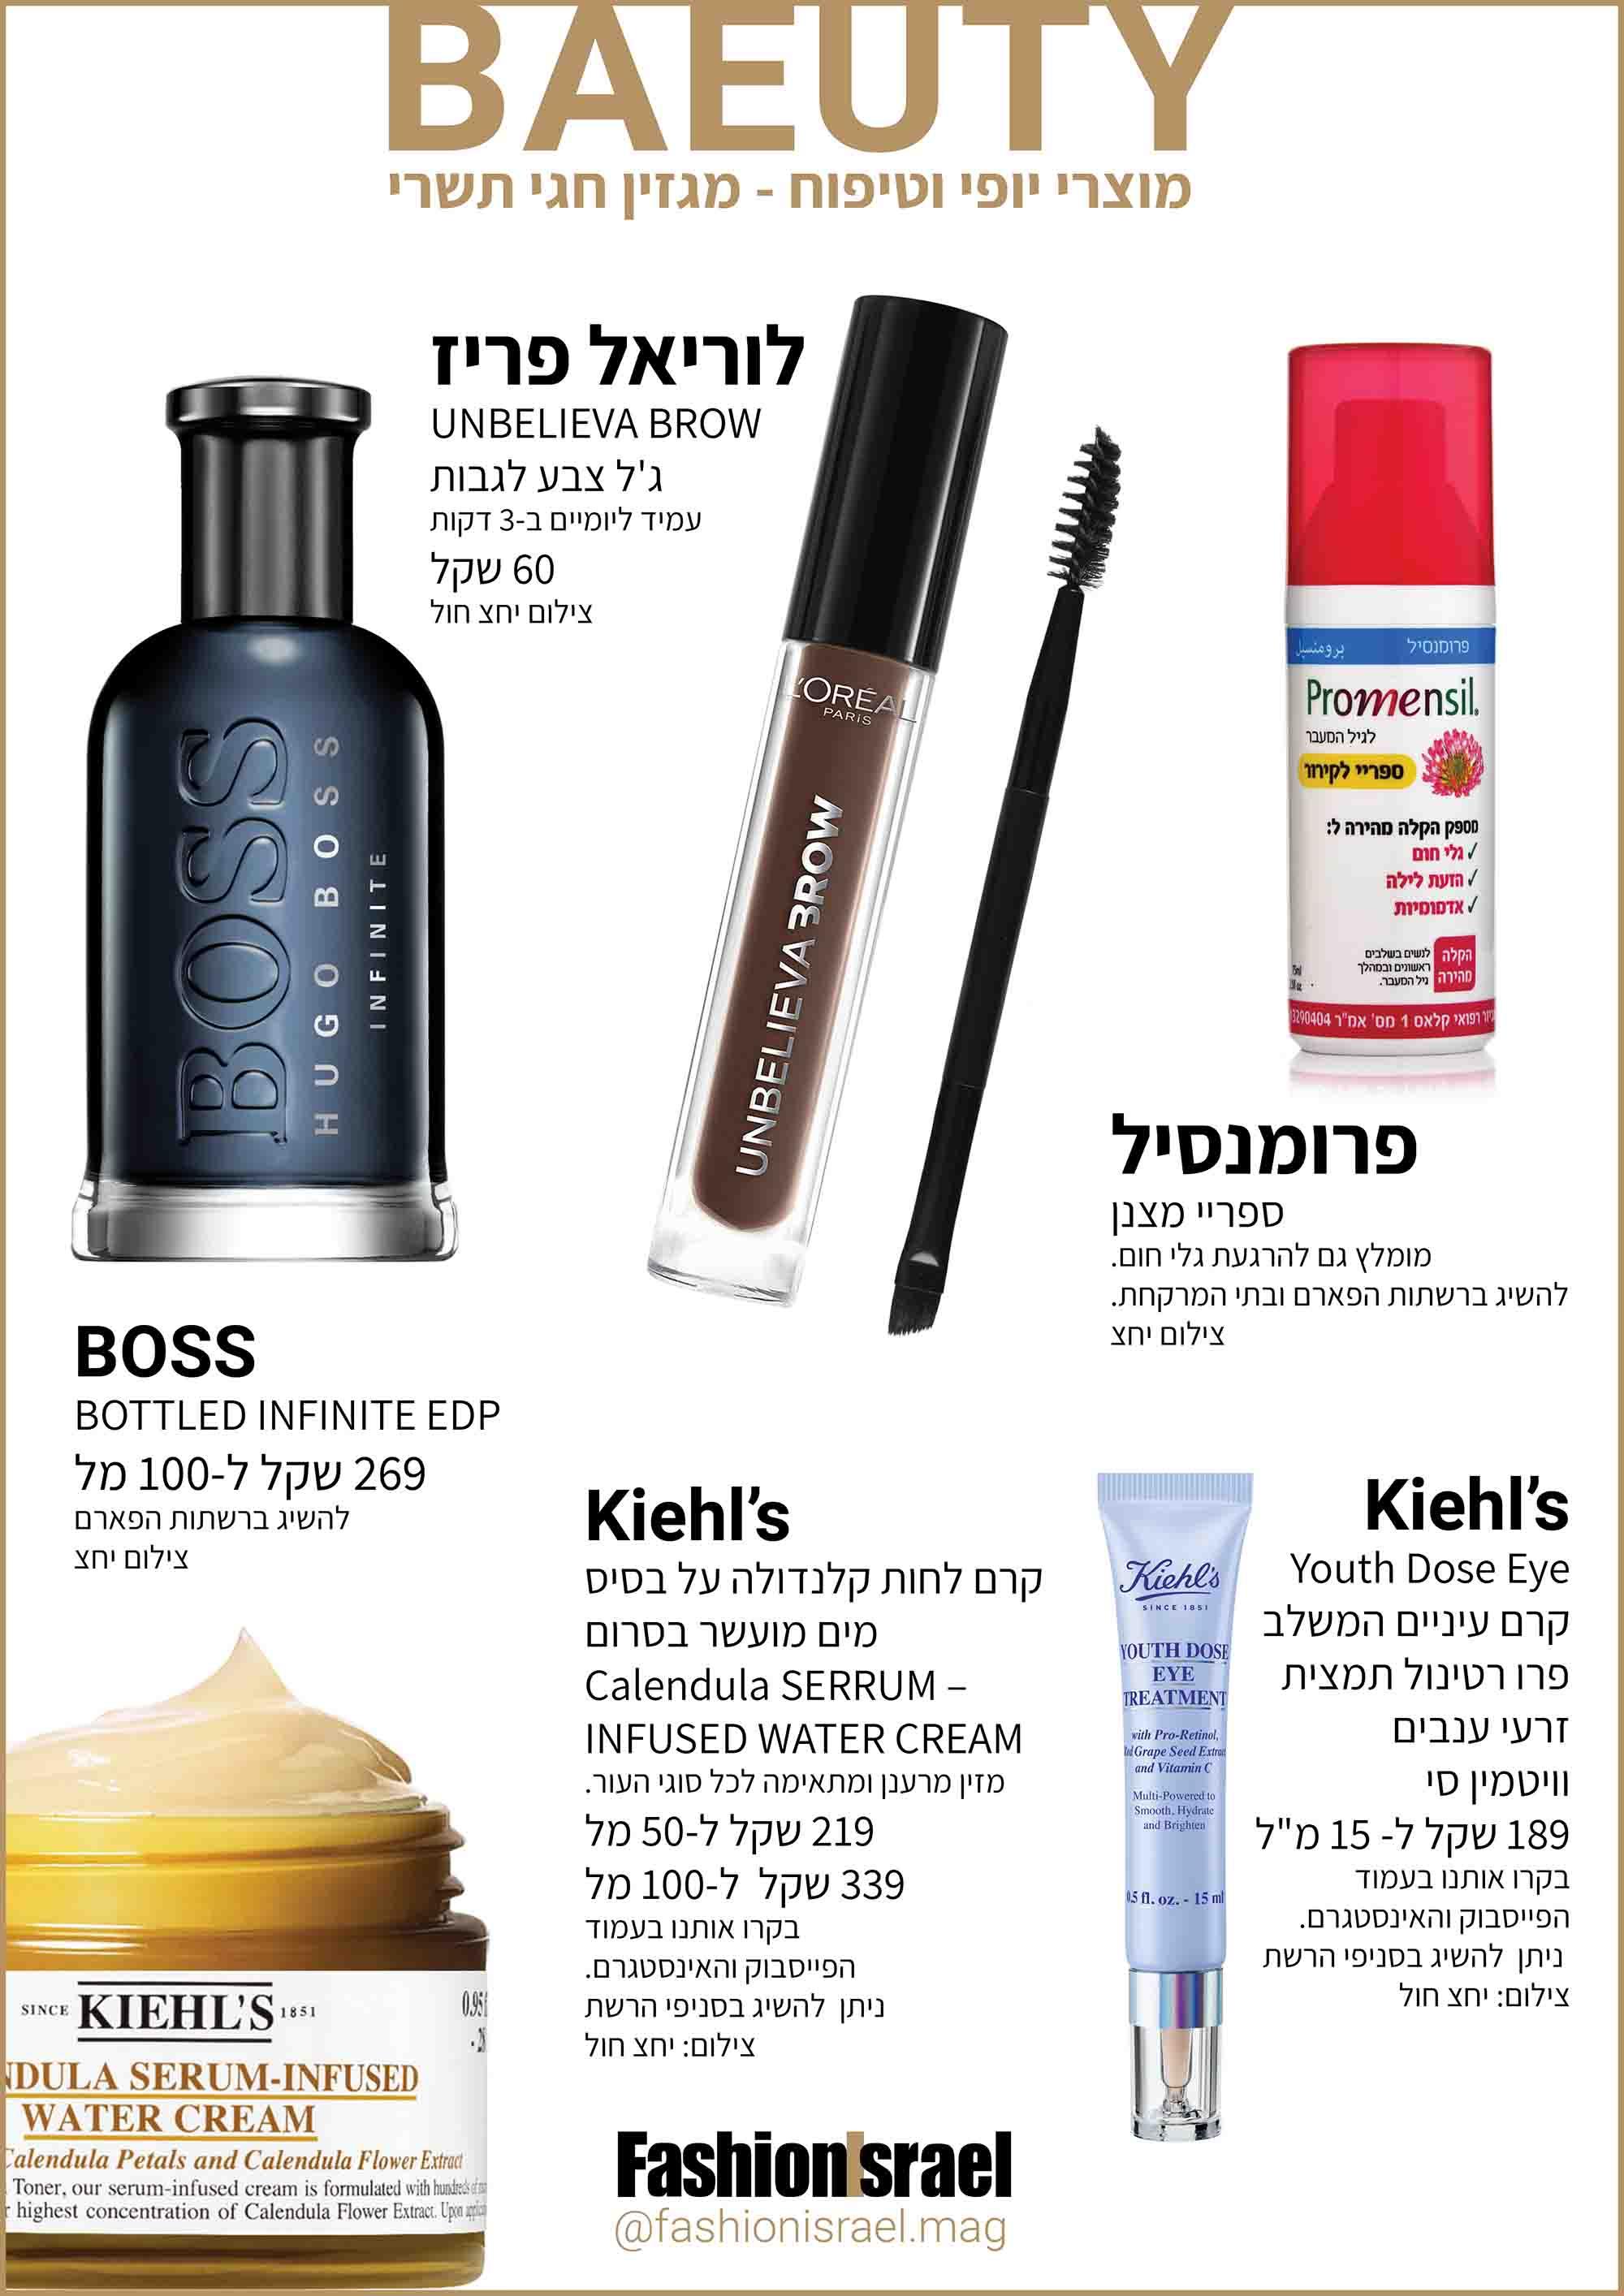 מוצרי יופי וטיפוח לראש השנה5- Fashion Israel - 2020 חדשות אופנה 2020, כתבות אופנה 2020, טרנדים 2020, מגזין אופנה ישראלי, אופנה -